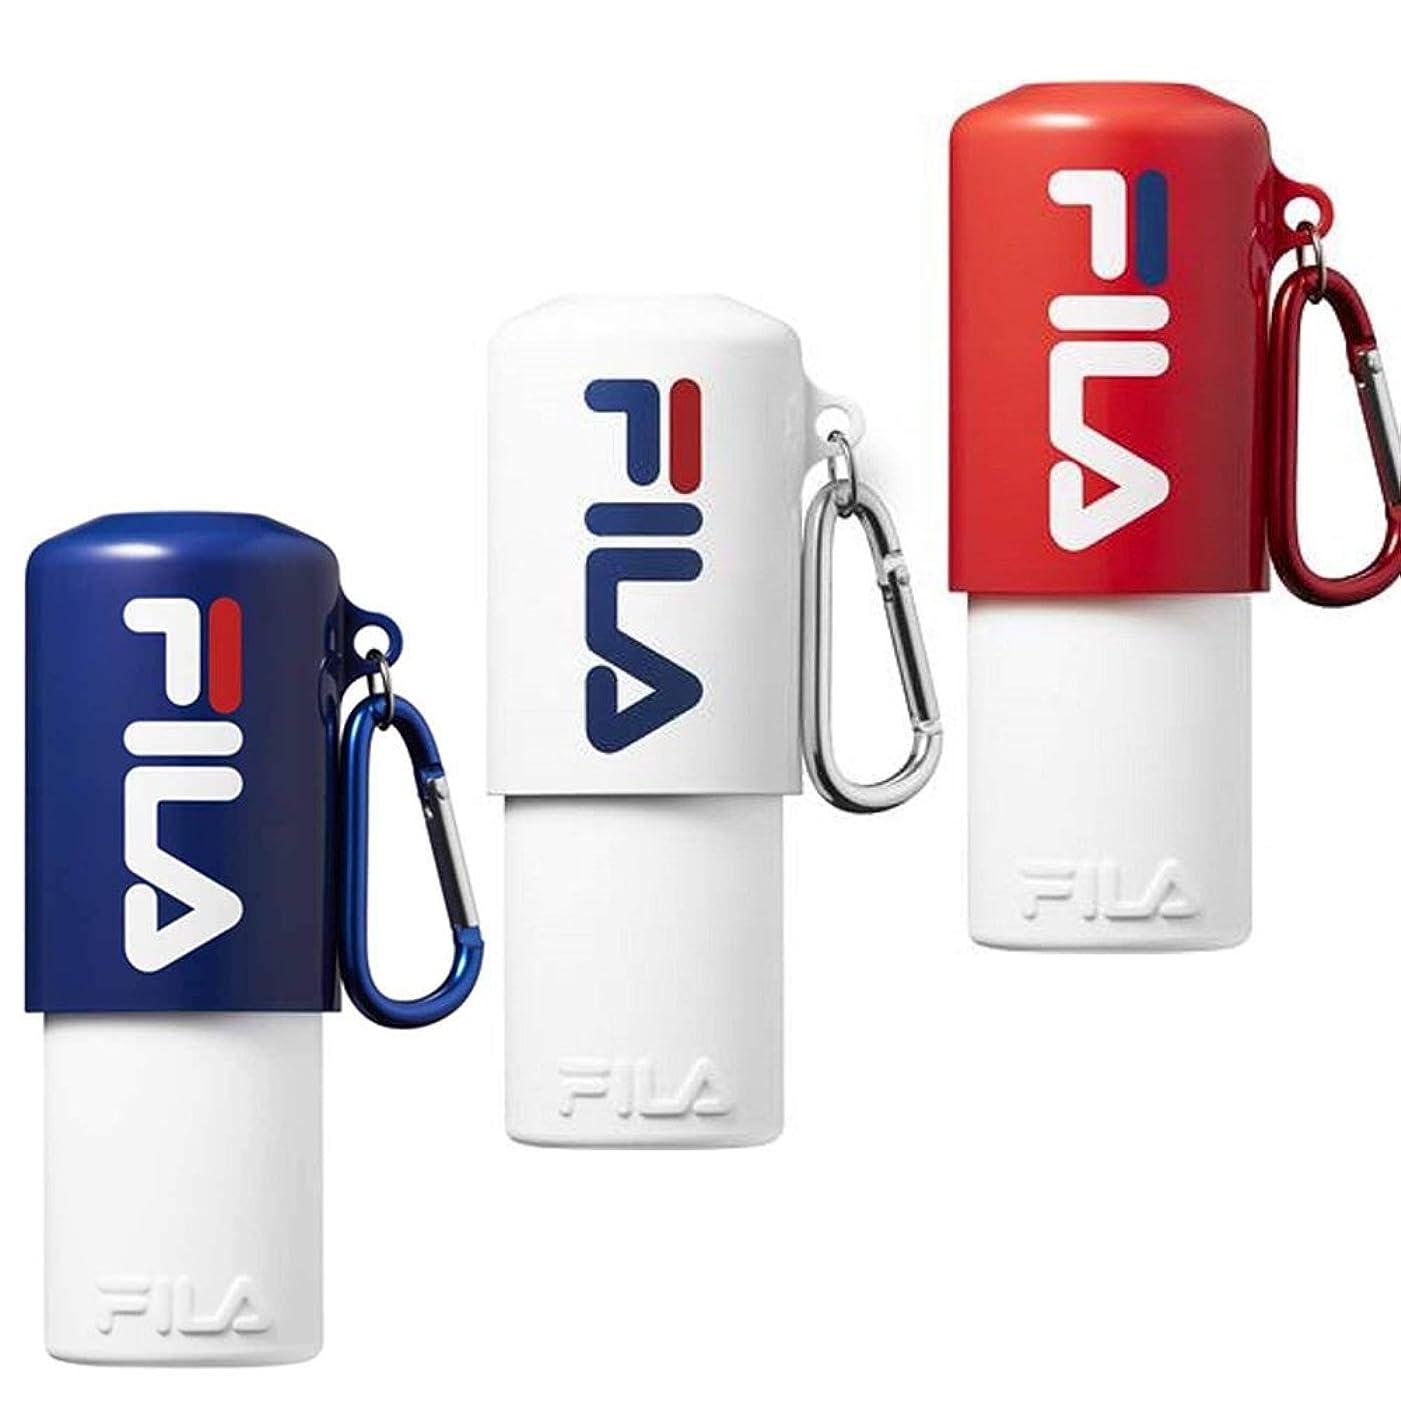 プラットフォーム用量姉妹FILA(フィラ) フレグランス 3種類セット 440011-440028-440035-SET